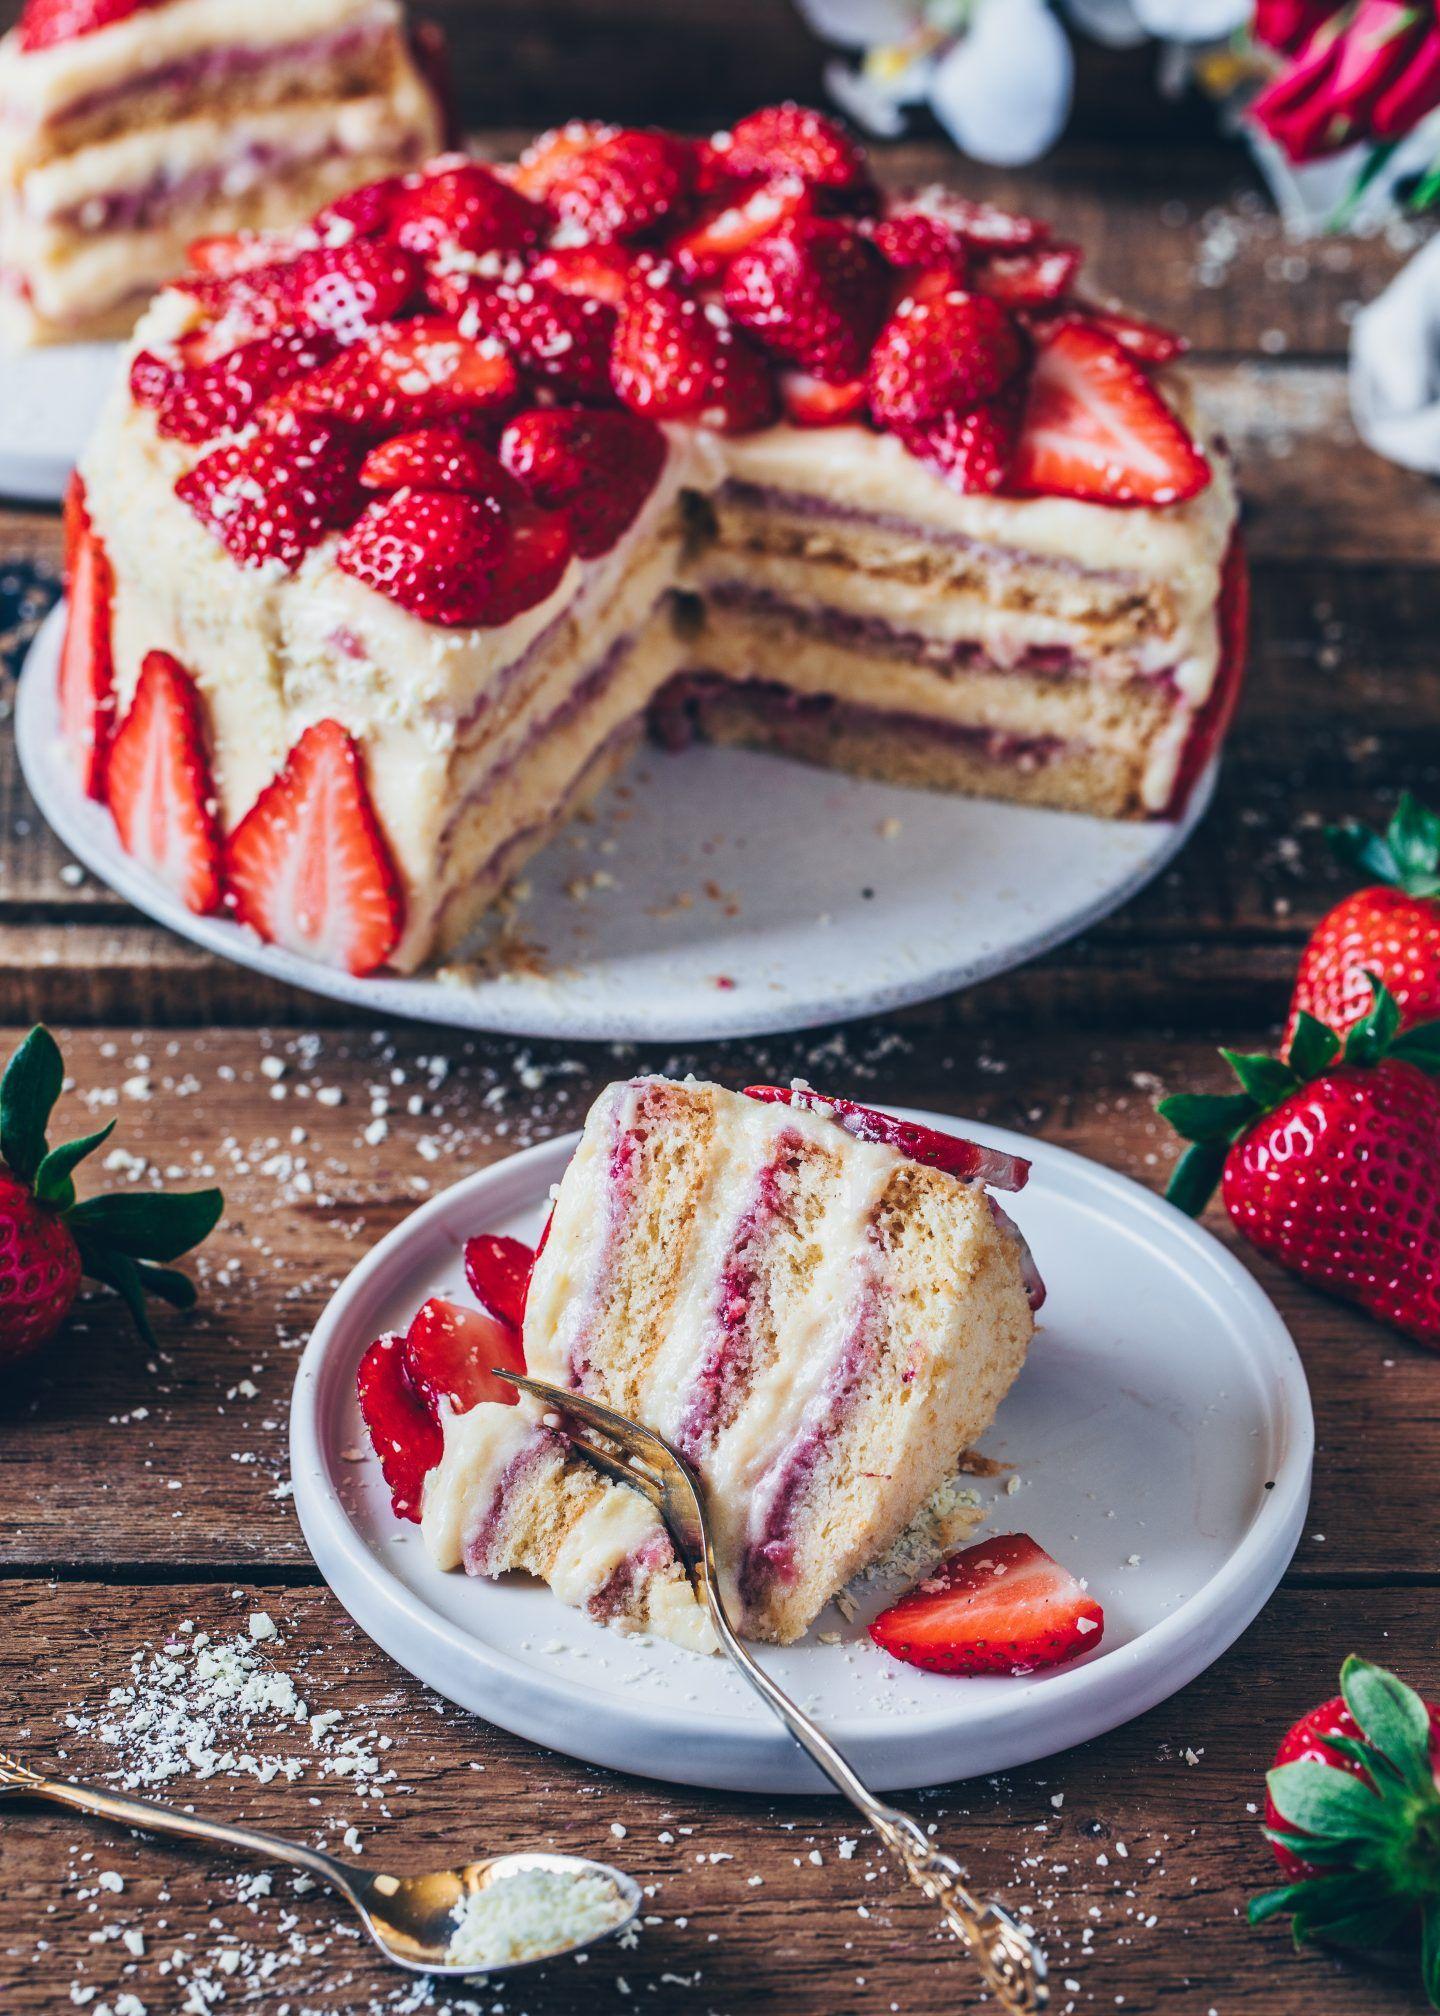 Erdbeer-Creme-Torte (Vegan) - Bianca Zapatka | Rezepte